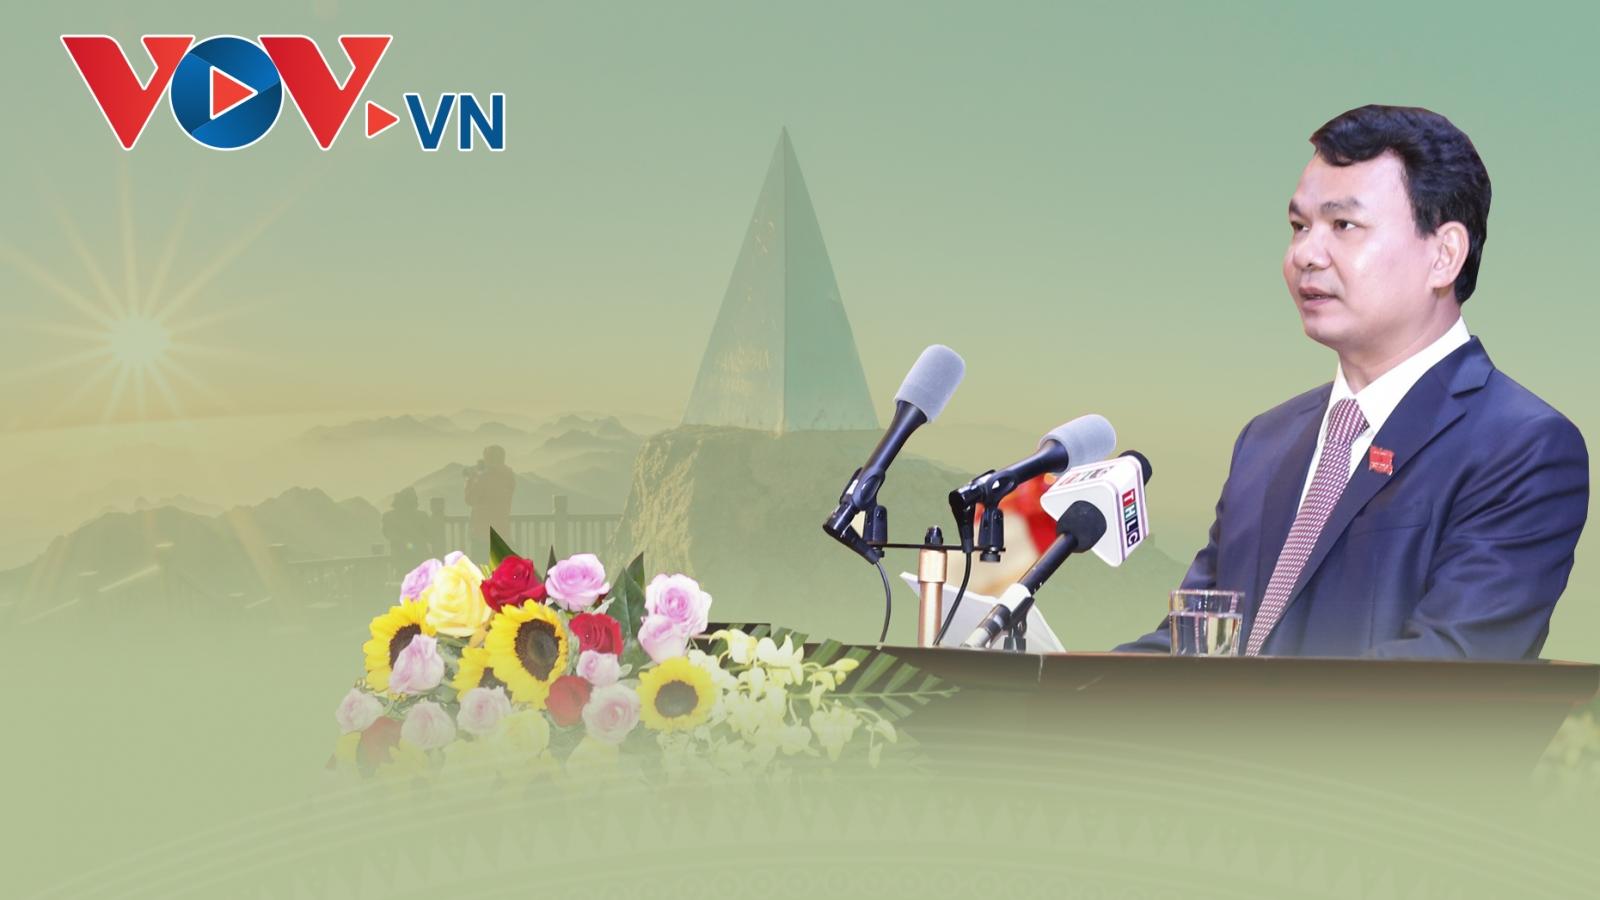 Sự nghiệp chính trị của tân Bí thư Tỉnh ủy Lào Cai Đặng Xuân Phong